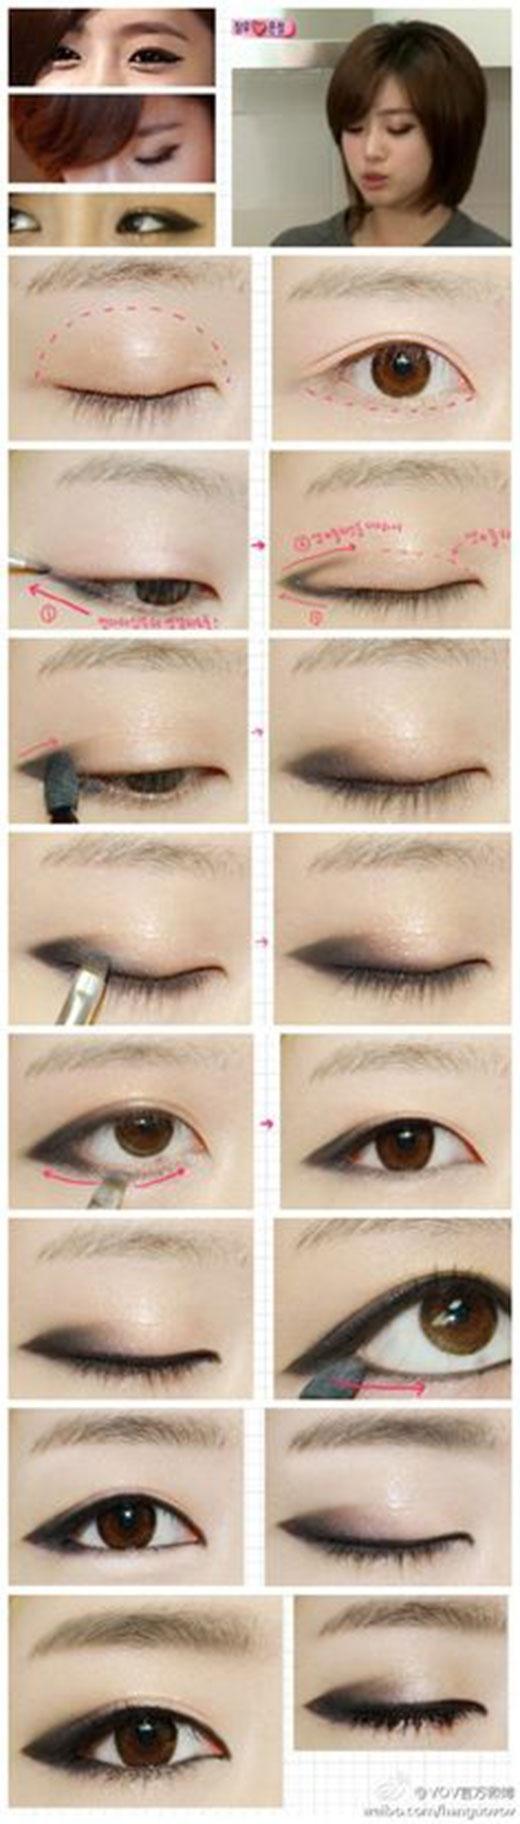 Tông màu nâu ngọc trai đi cùng xám khói chính là hai sắc màu mắt thường được sử dụng